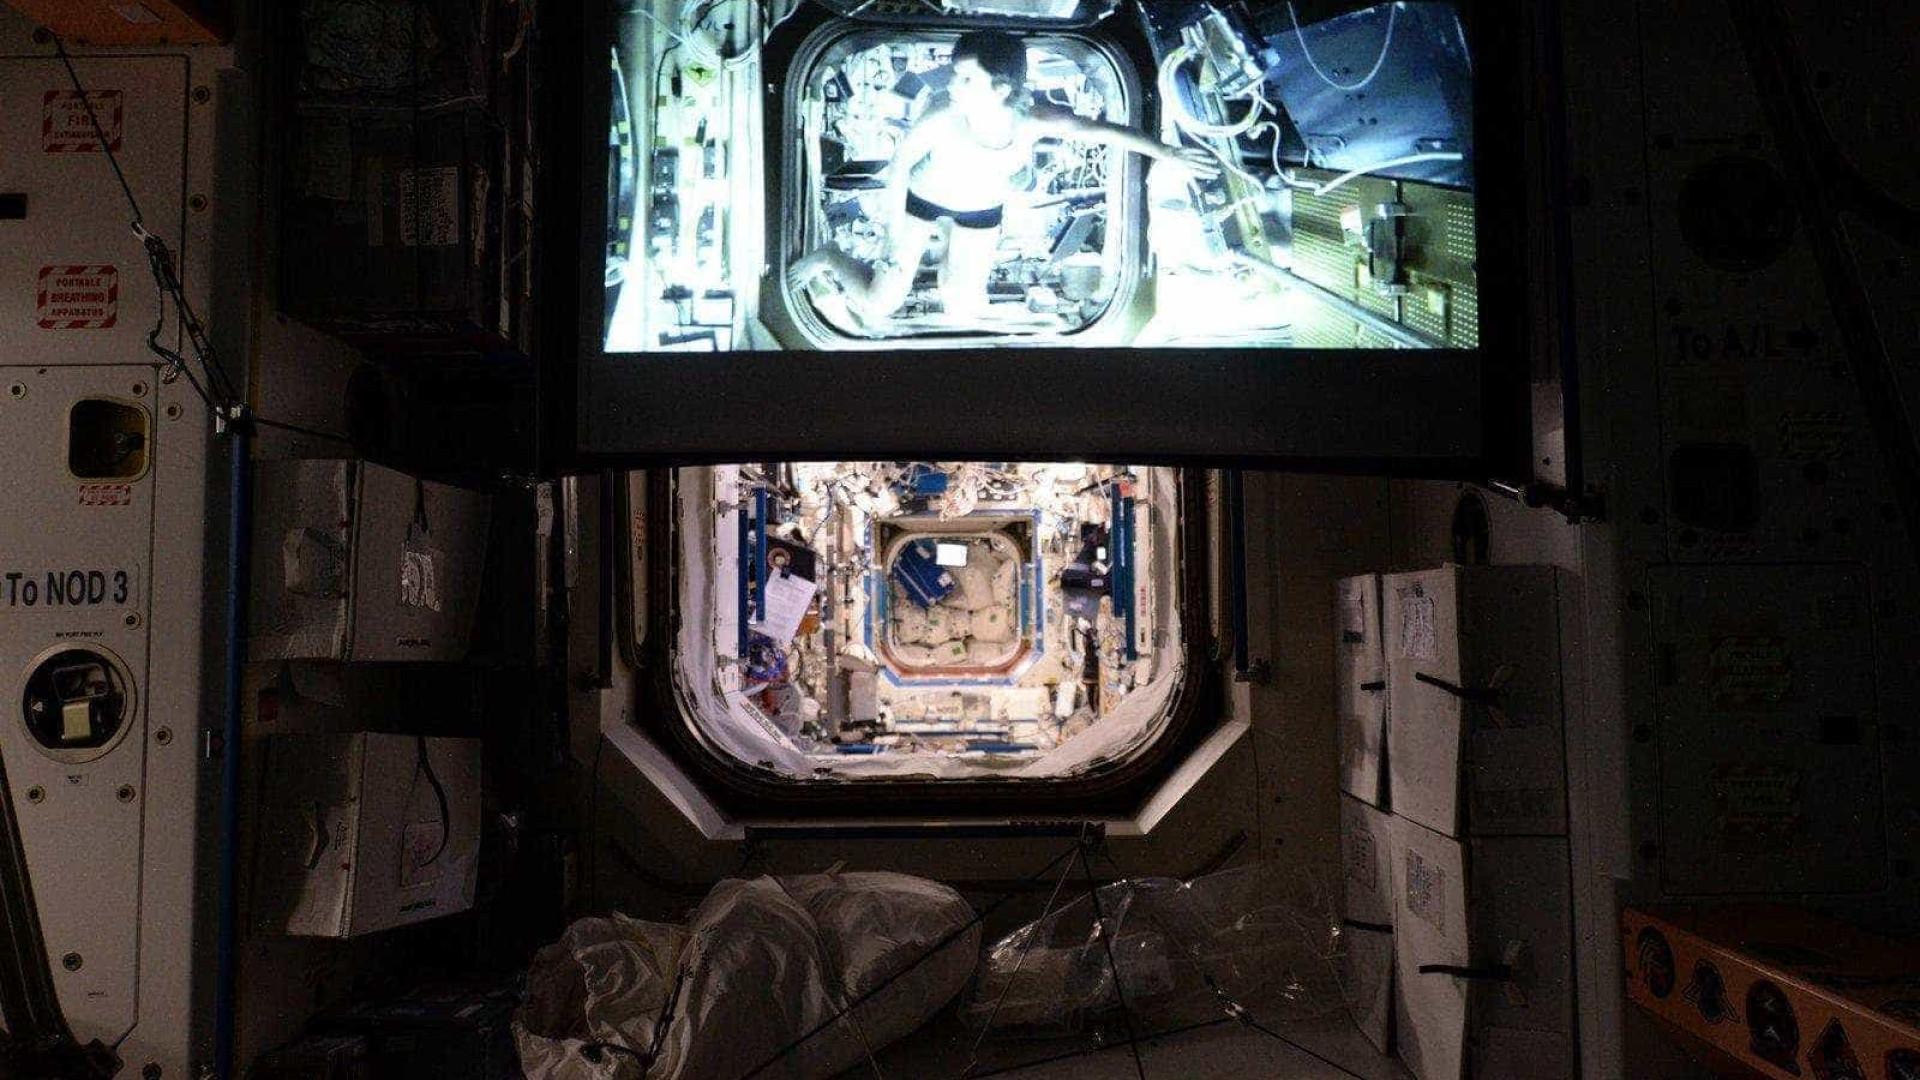 Nem a Estação Espacial escapará à estreia do novo 'Star Wars'